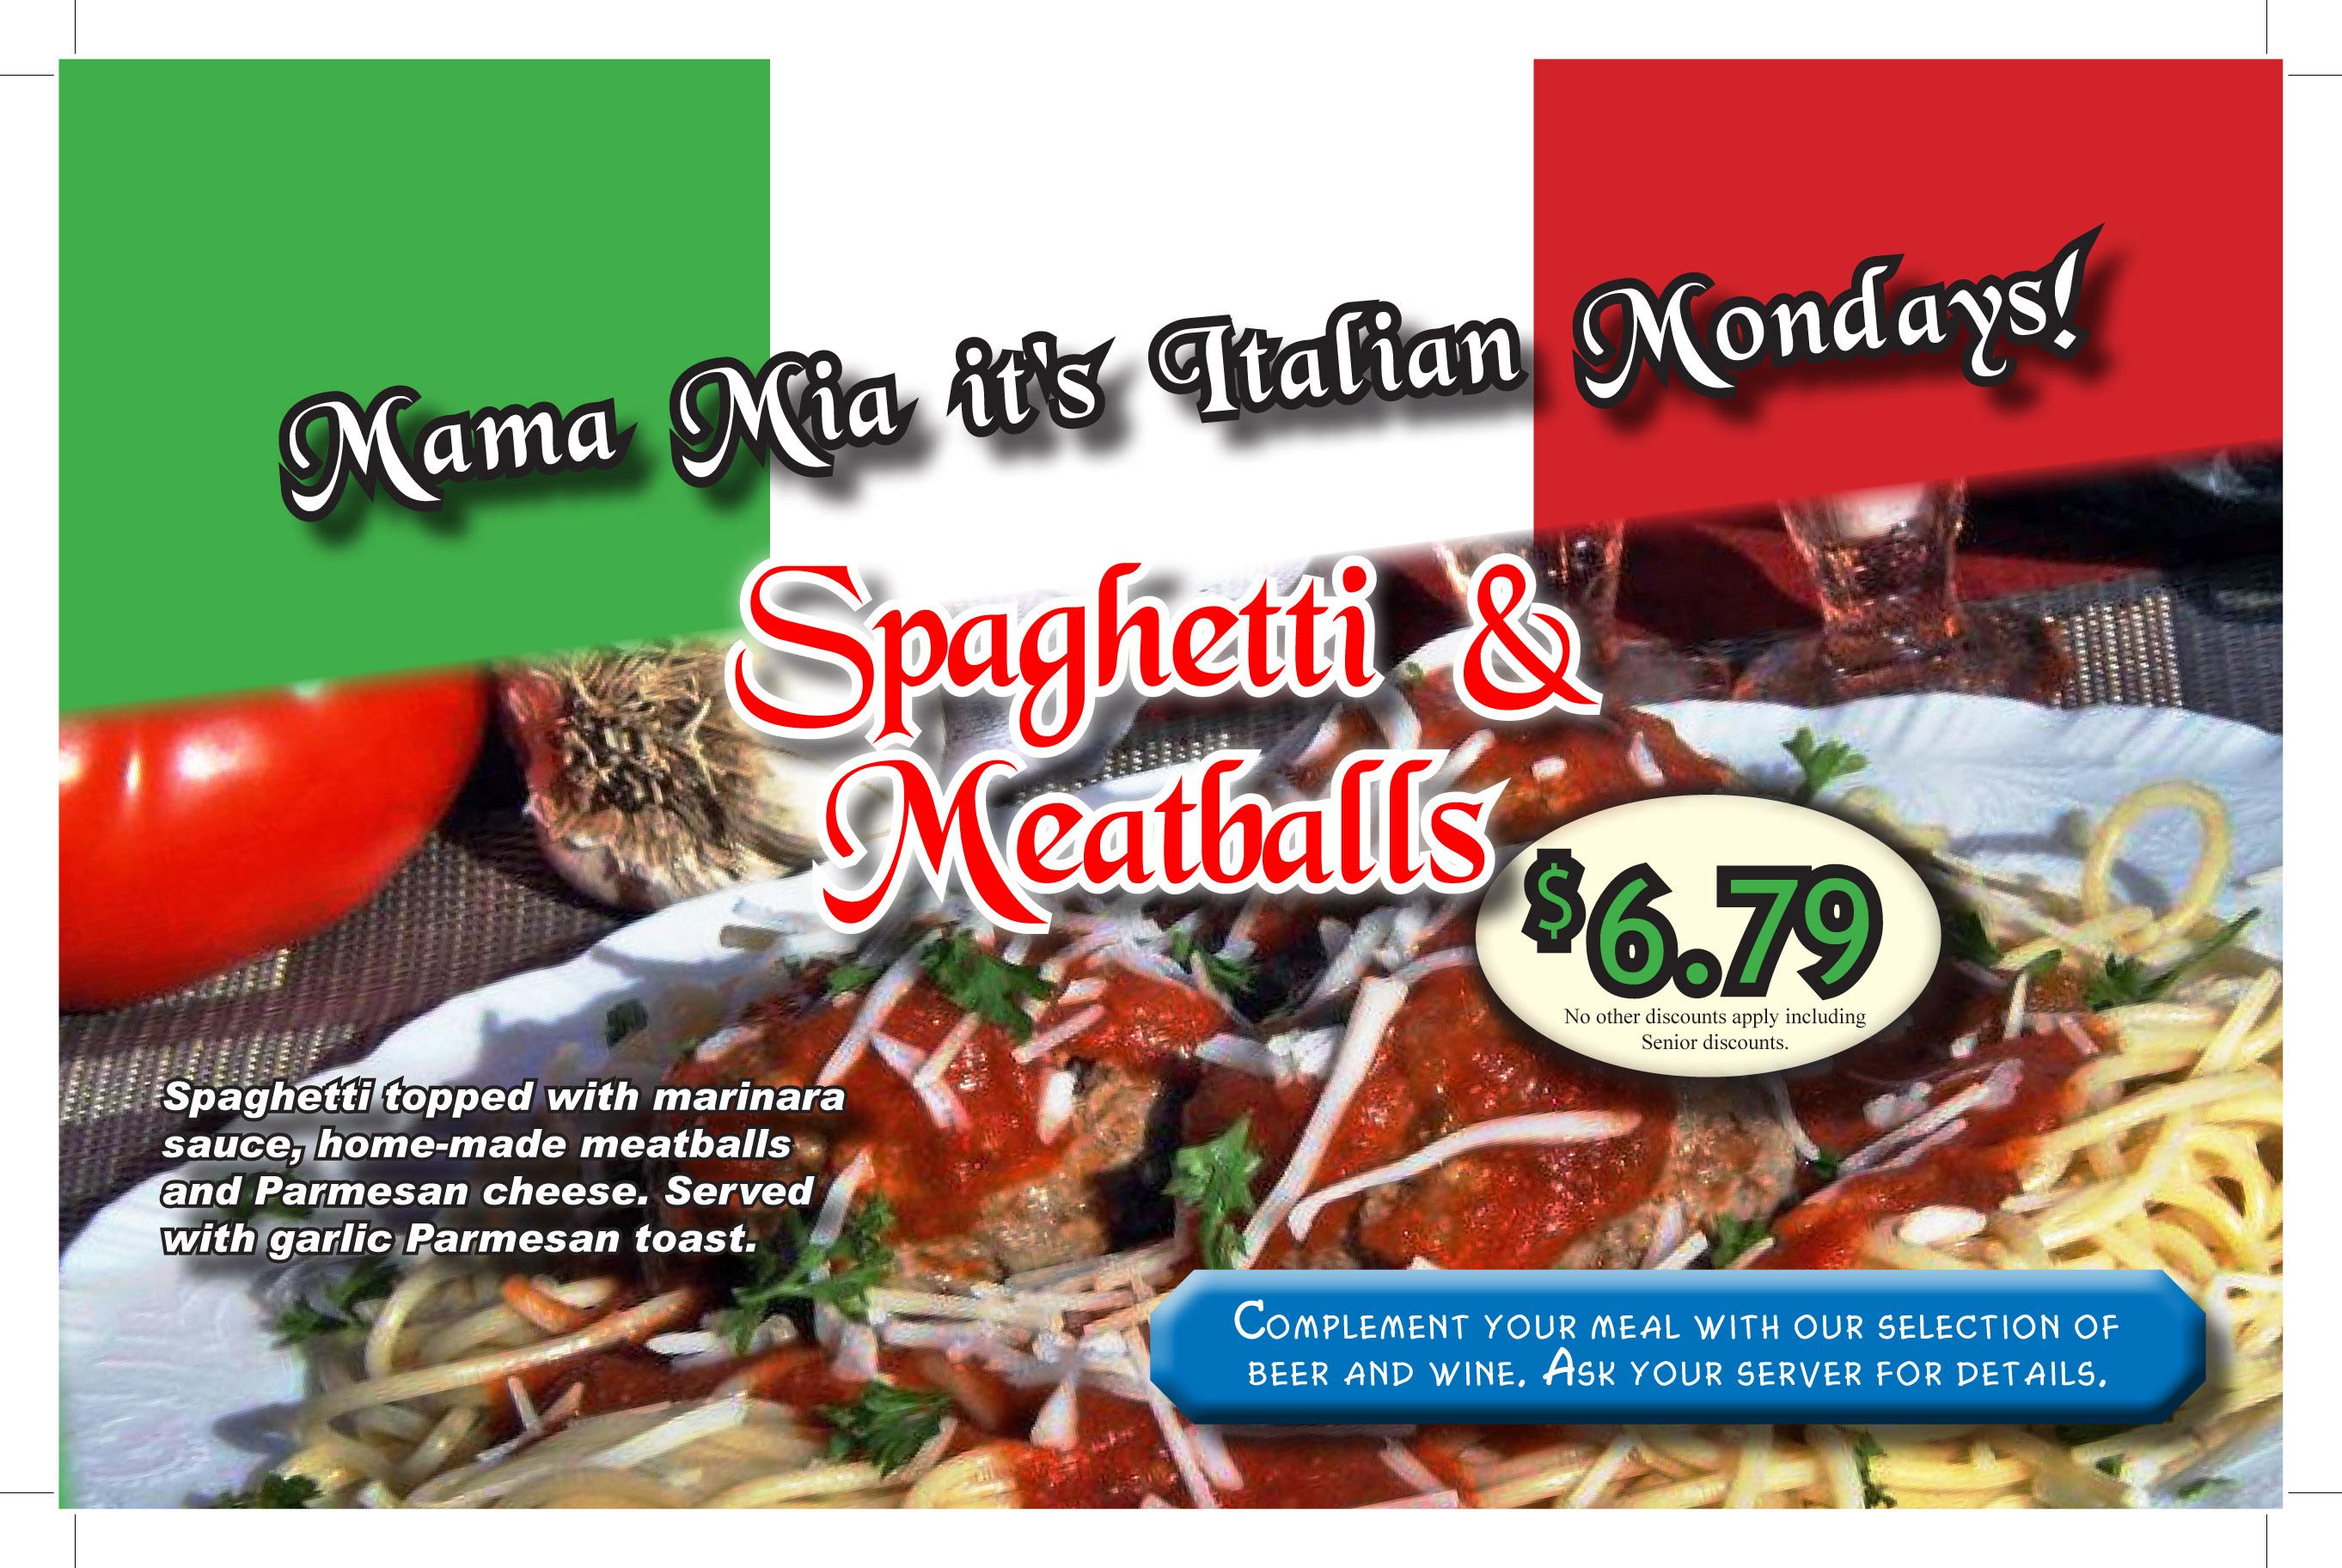 Prescott Junction Spaghetti & Meatballs